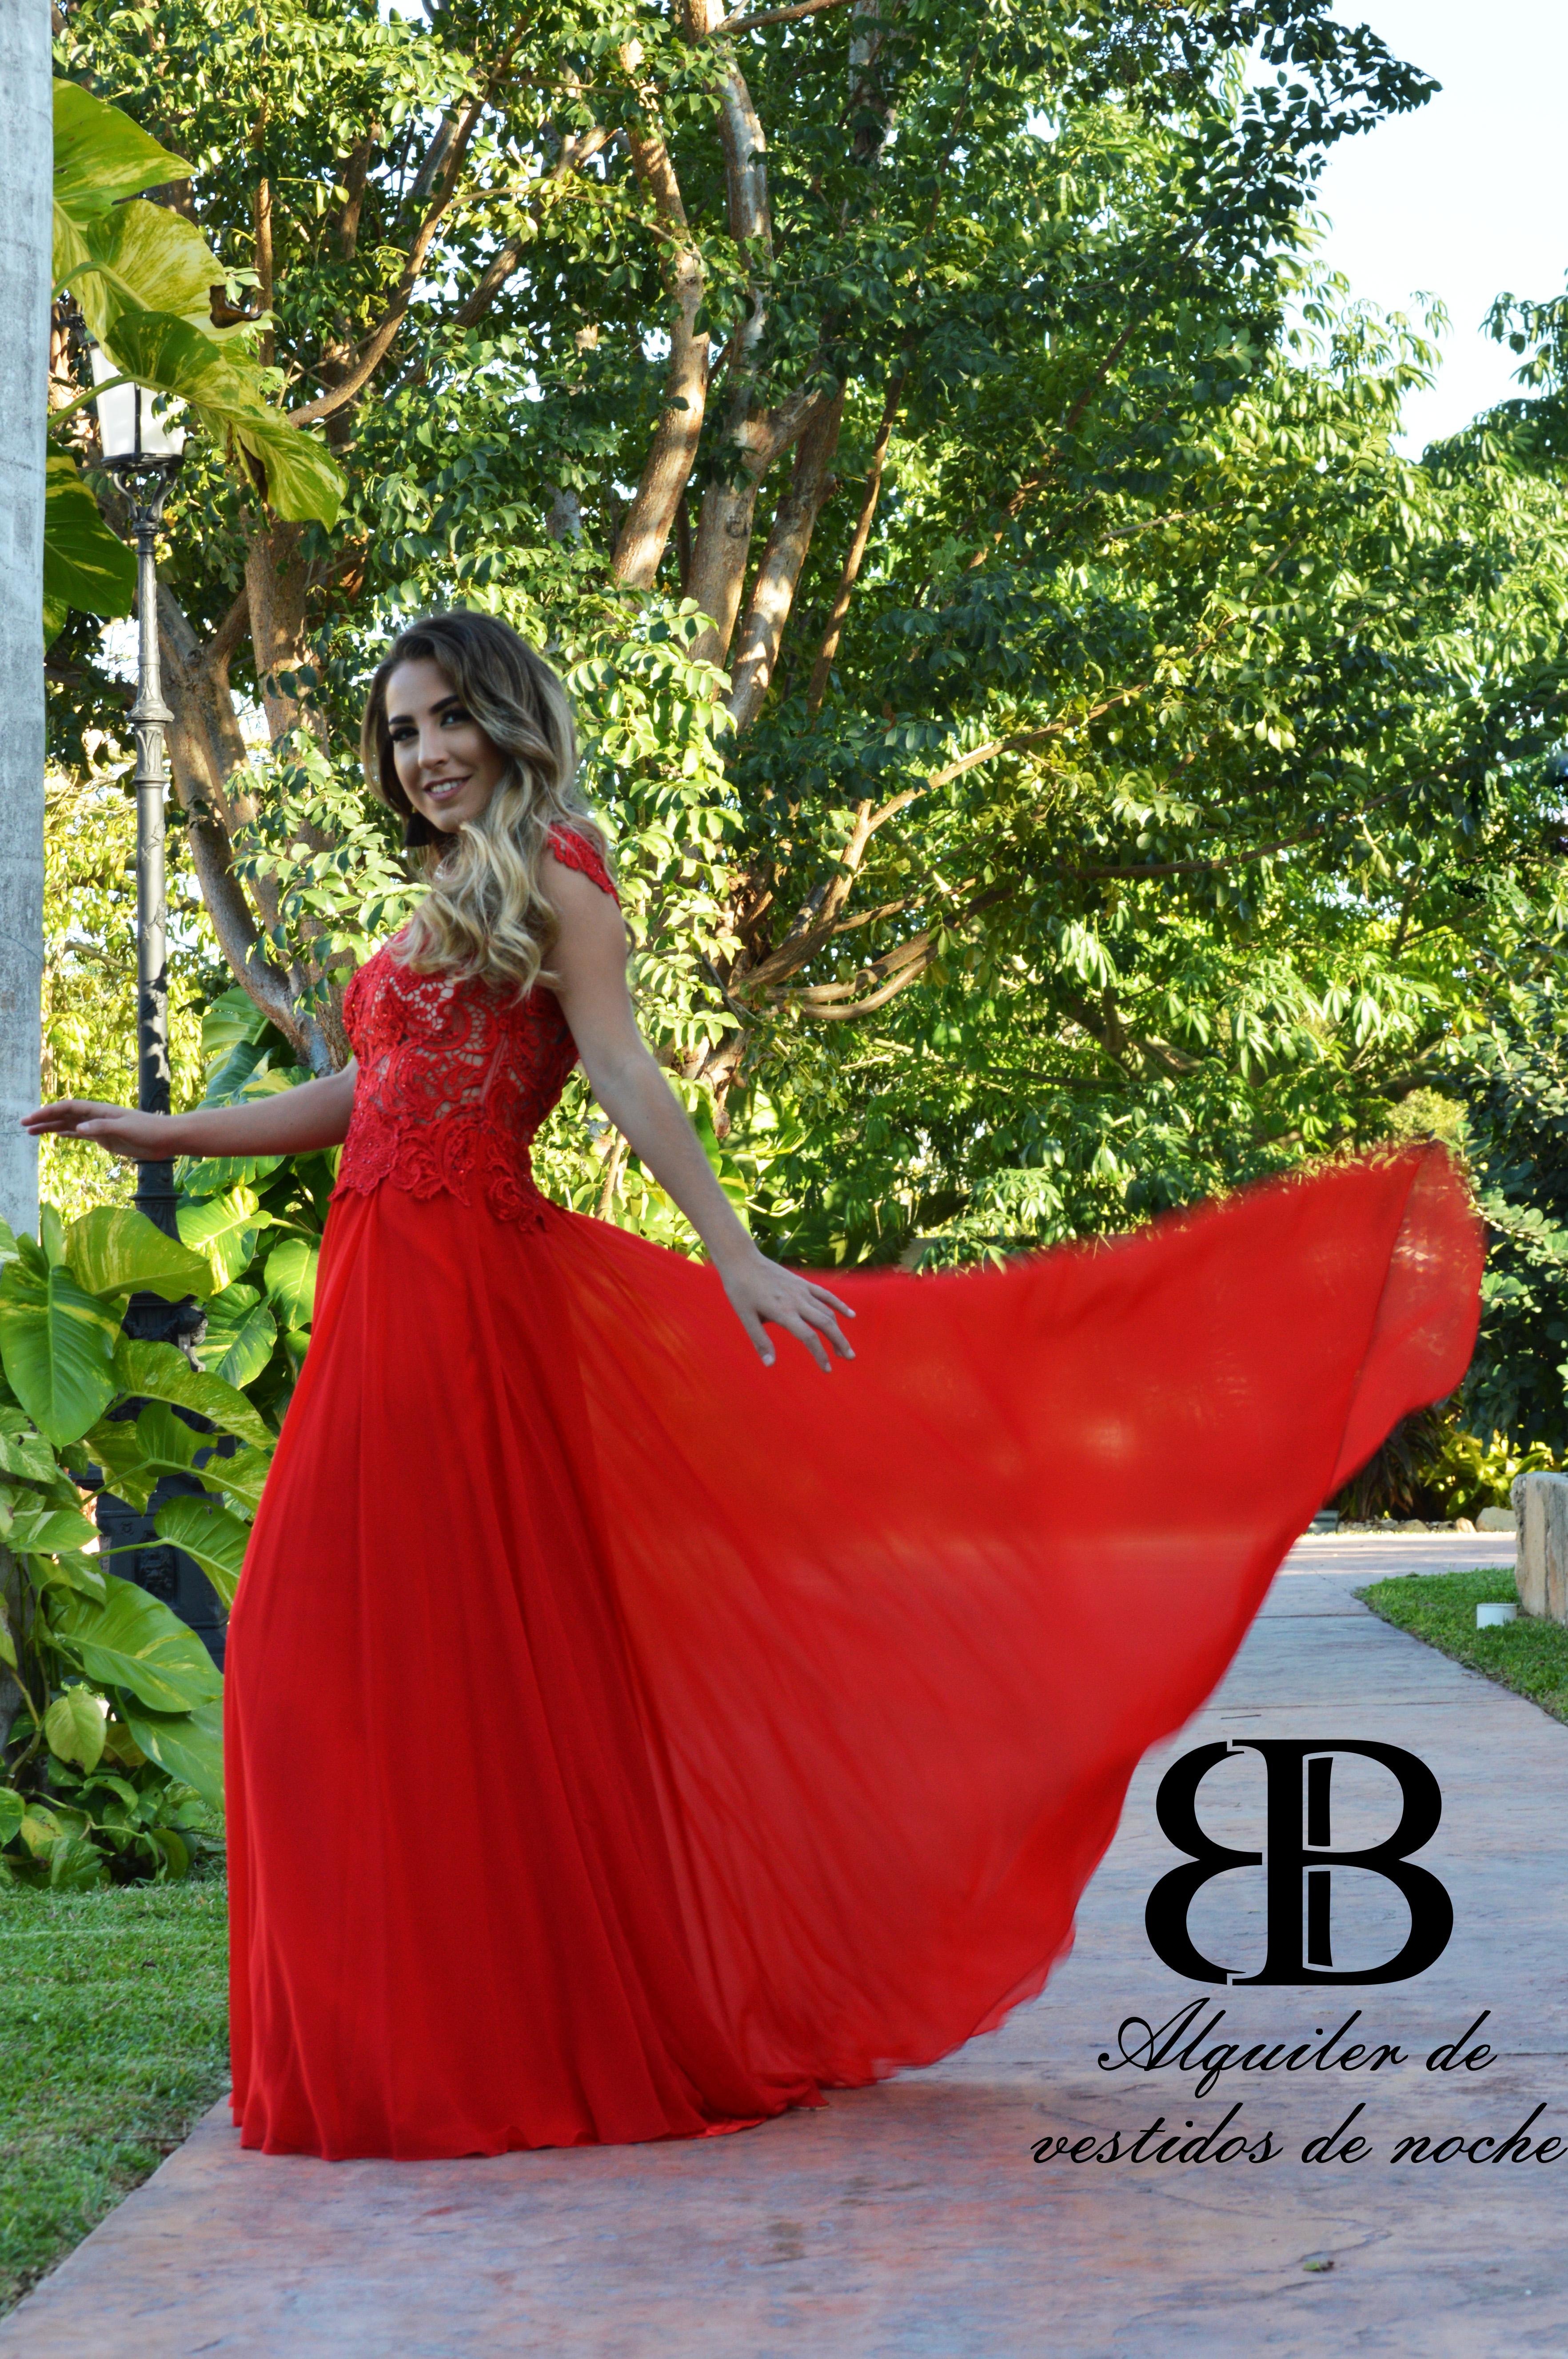 839c729ee En Bendita Boutique te asesoramos personalmente y creamos un estilo propio